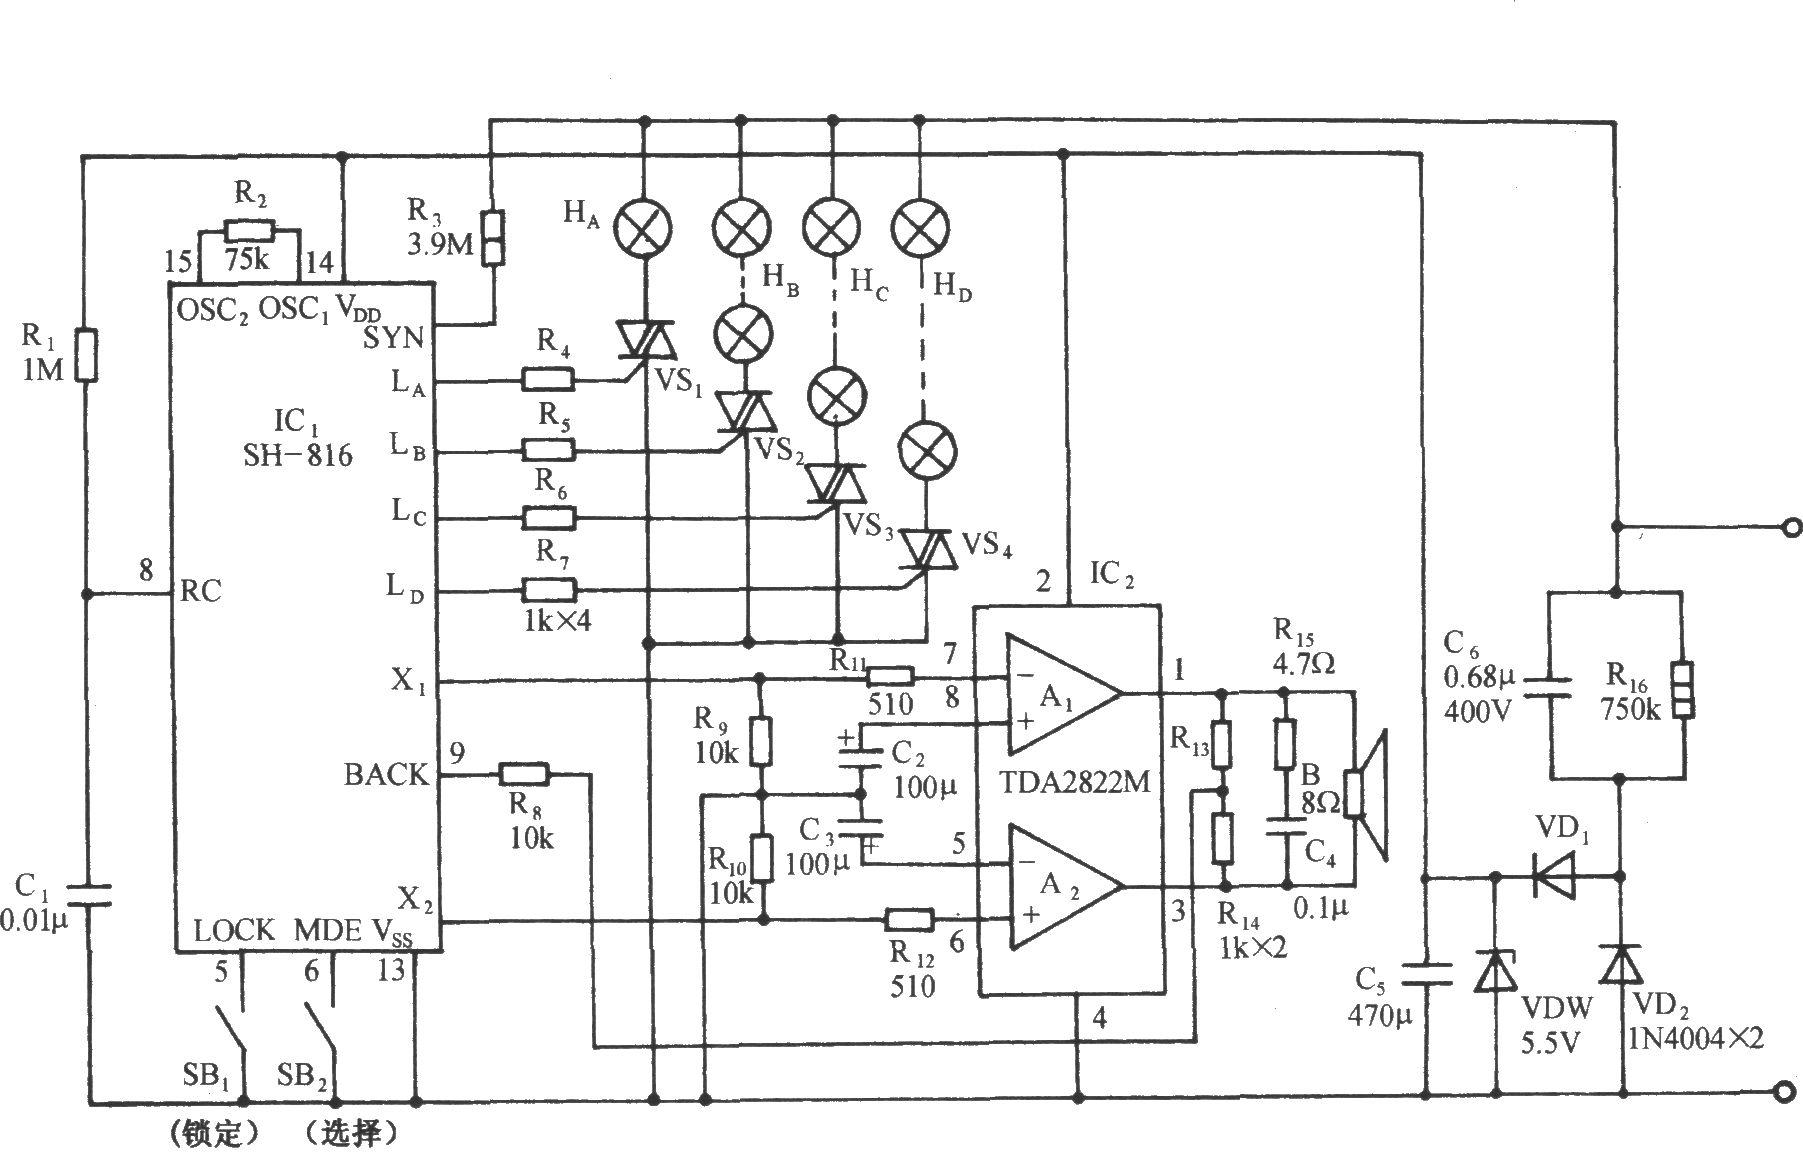 sh-816多花样节日彩灯伴钢琴乐曲控制电路